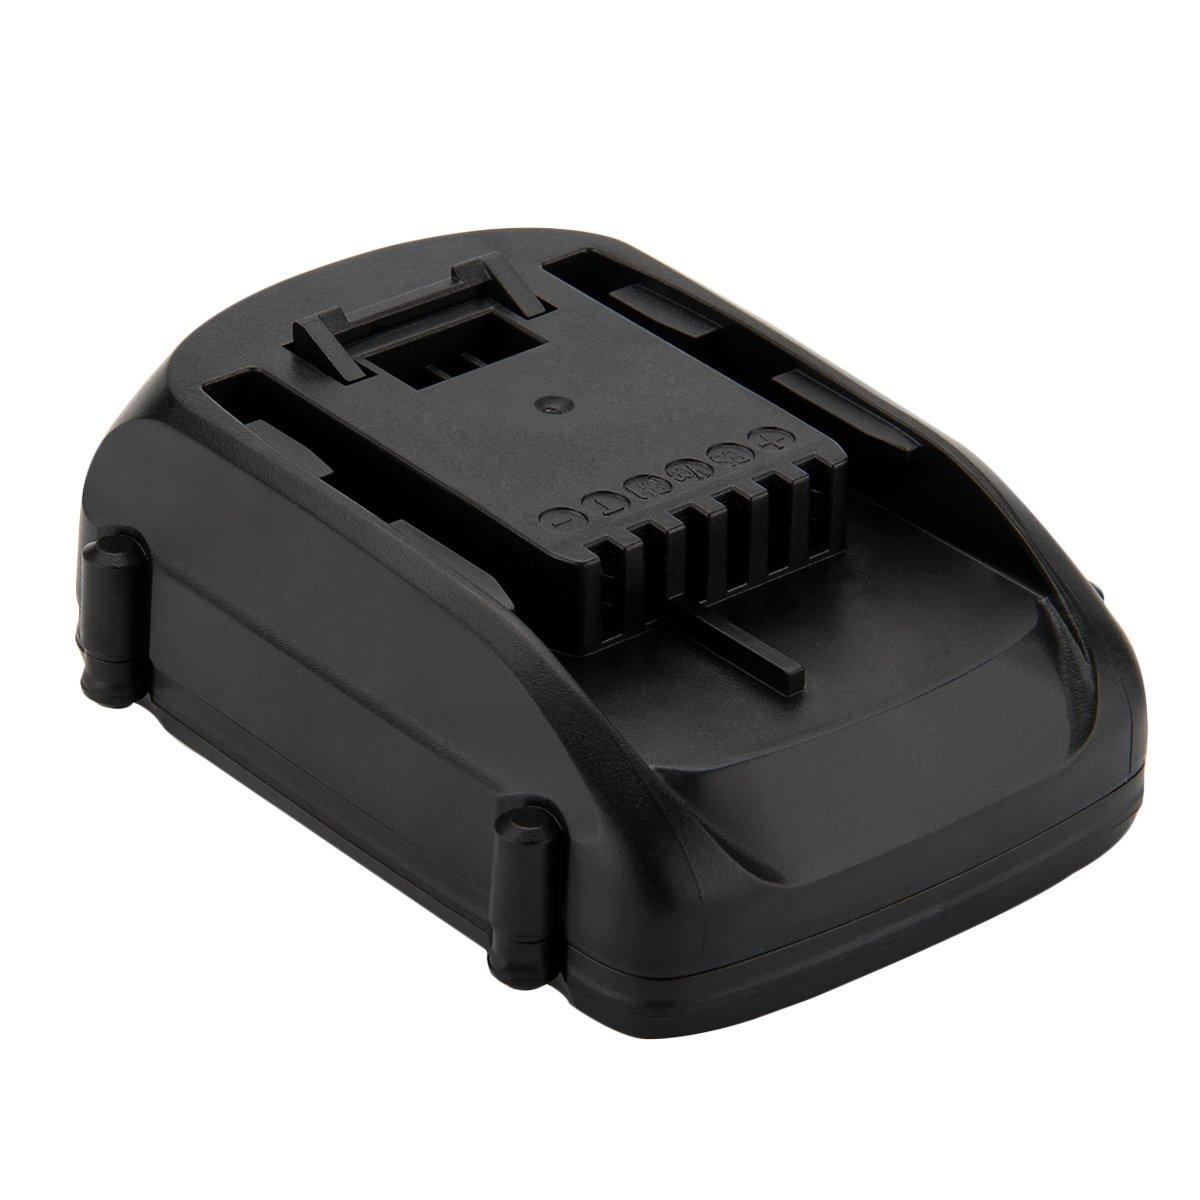 Hanaix 18V 2.5Ah Li-ion Replacement Battery for WORX WA3511 WA3512 WA3512.1 WA3513 WG151 WG151E WU287 WU381 WX163